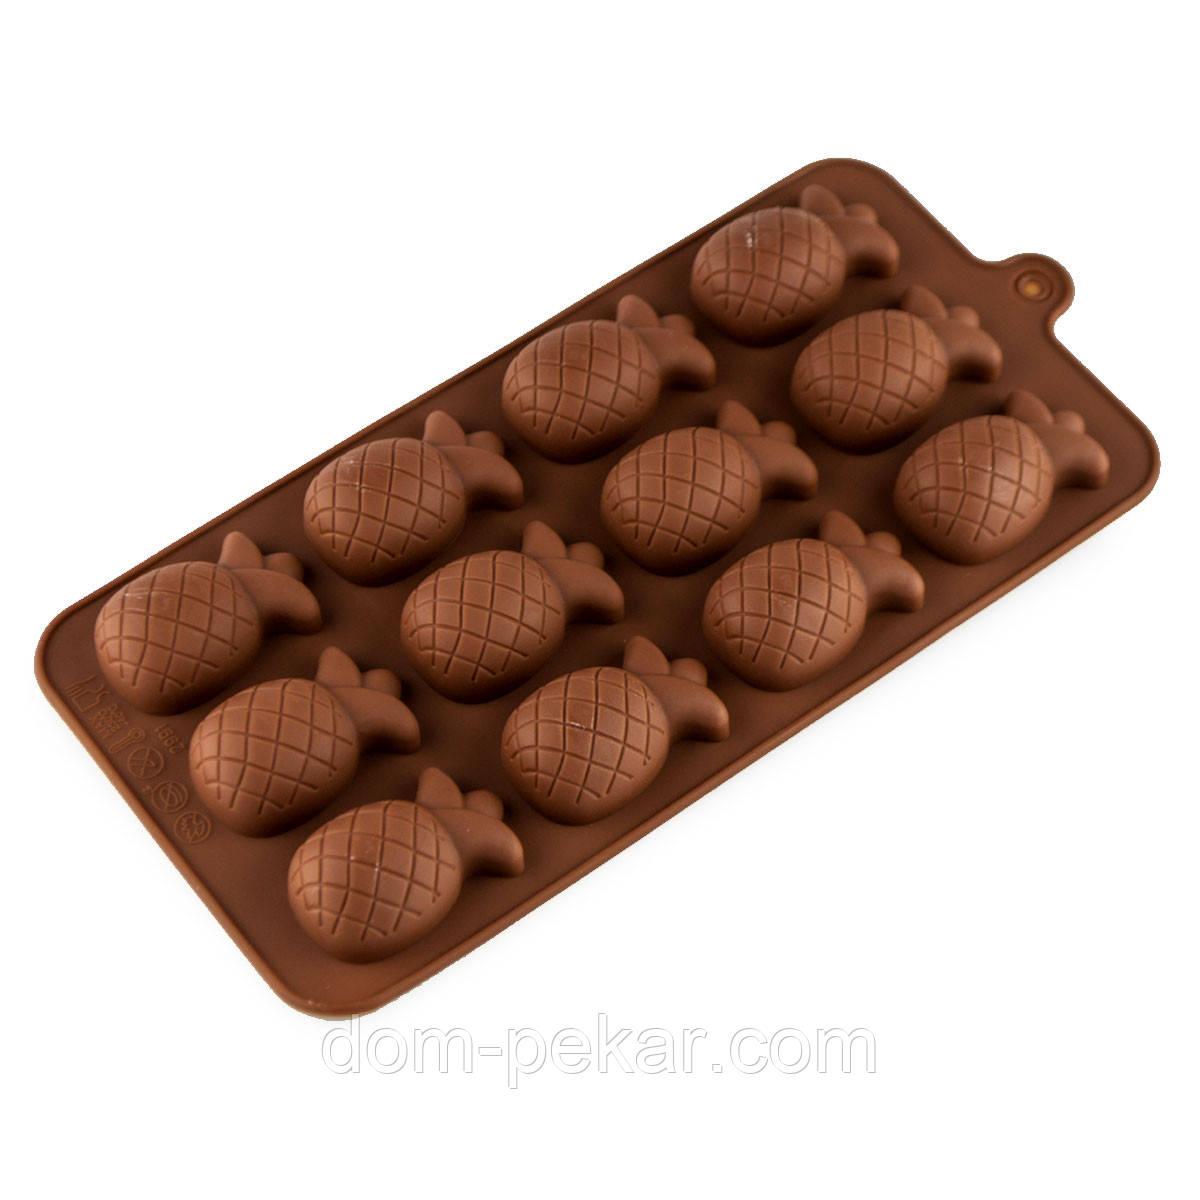 Форма для конфет силикон Ананас 12 шт